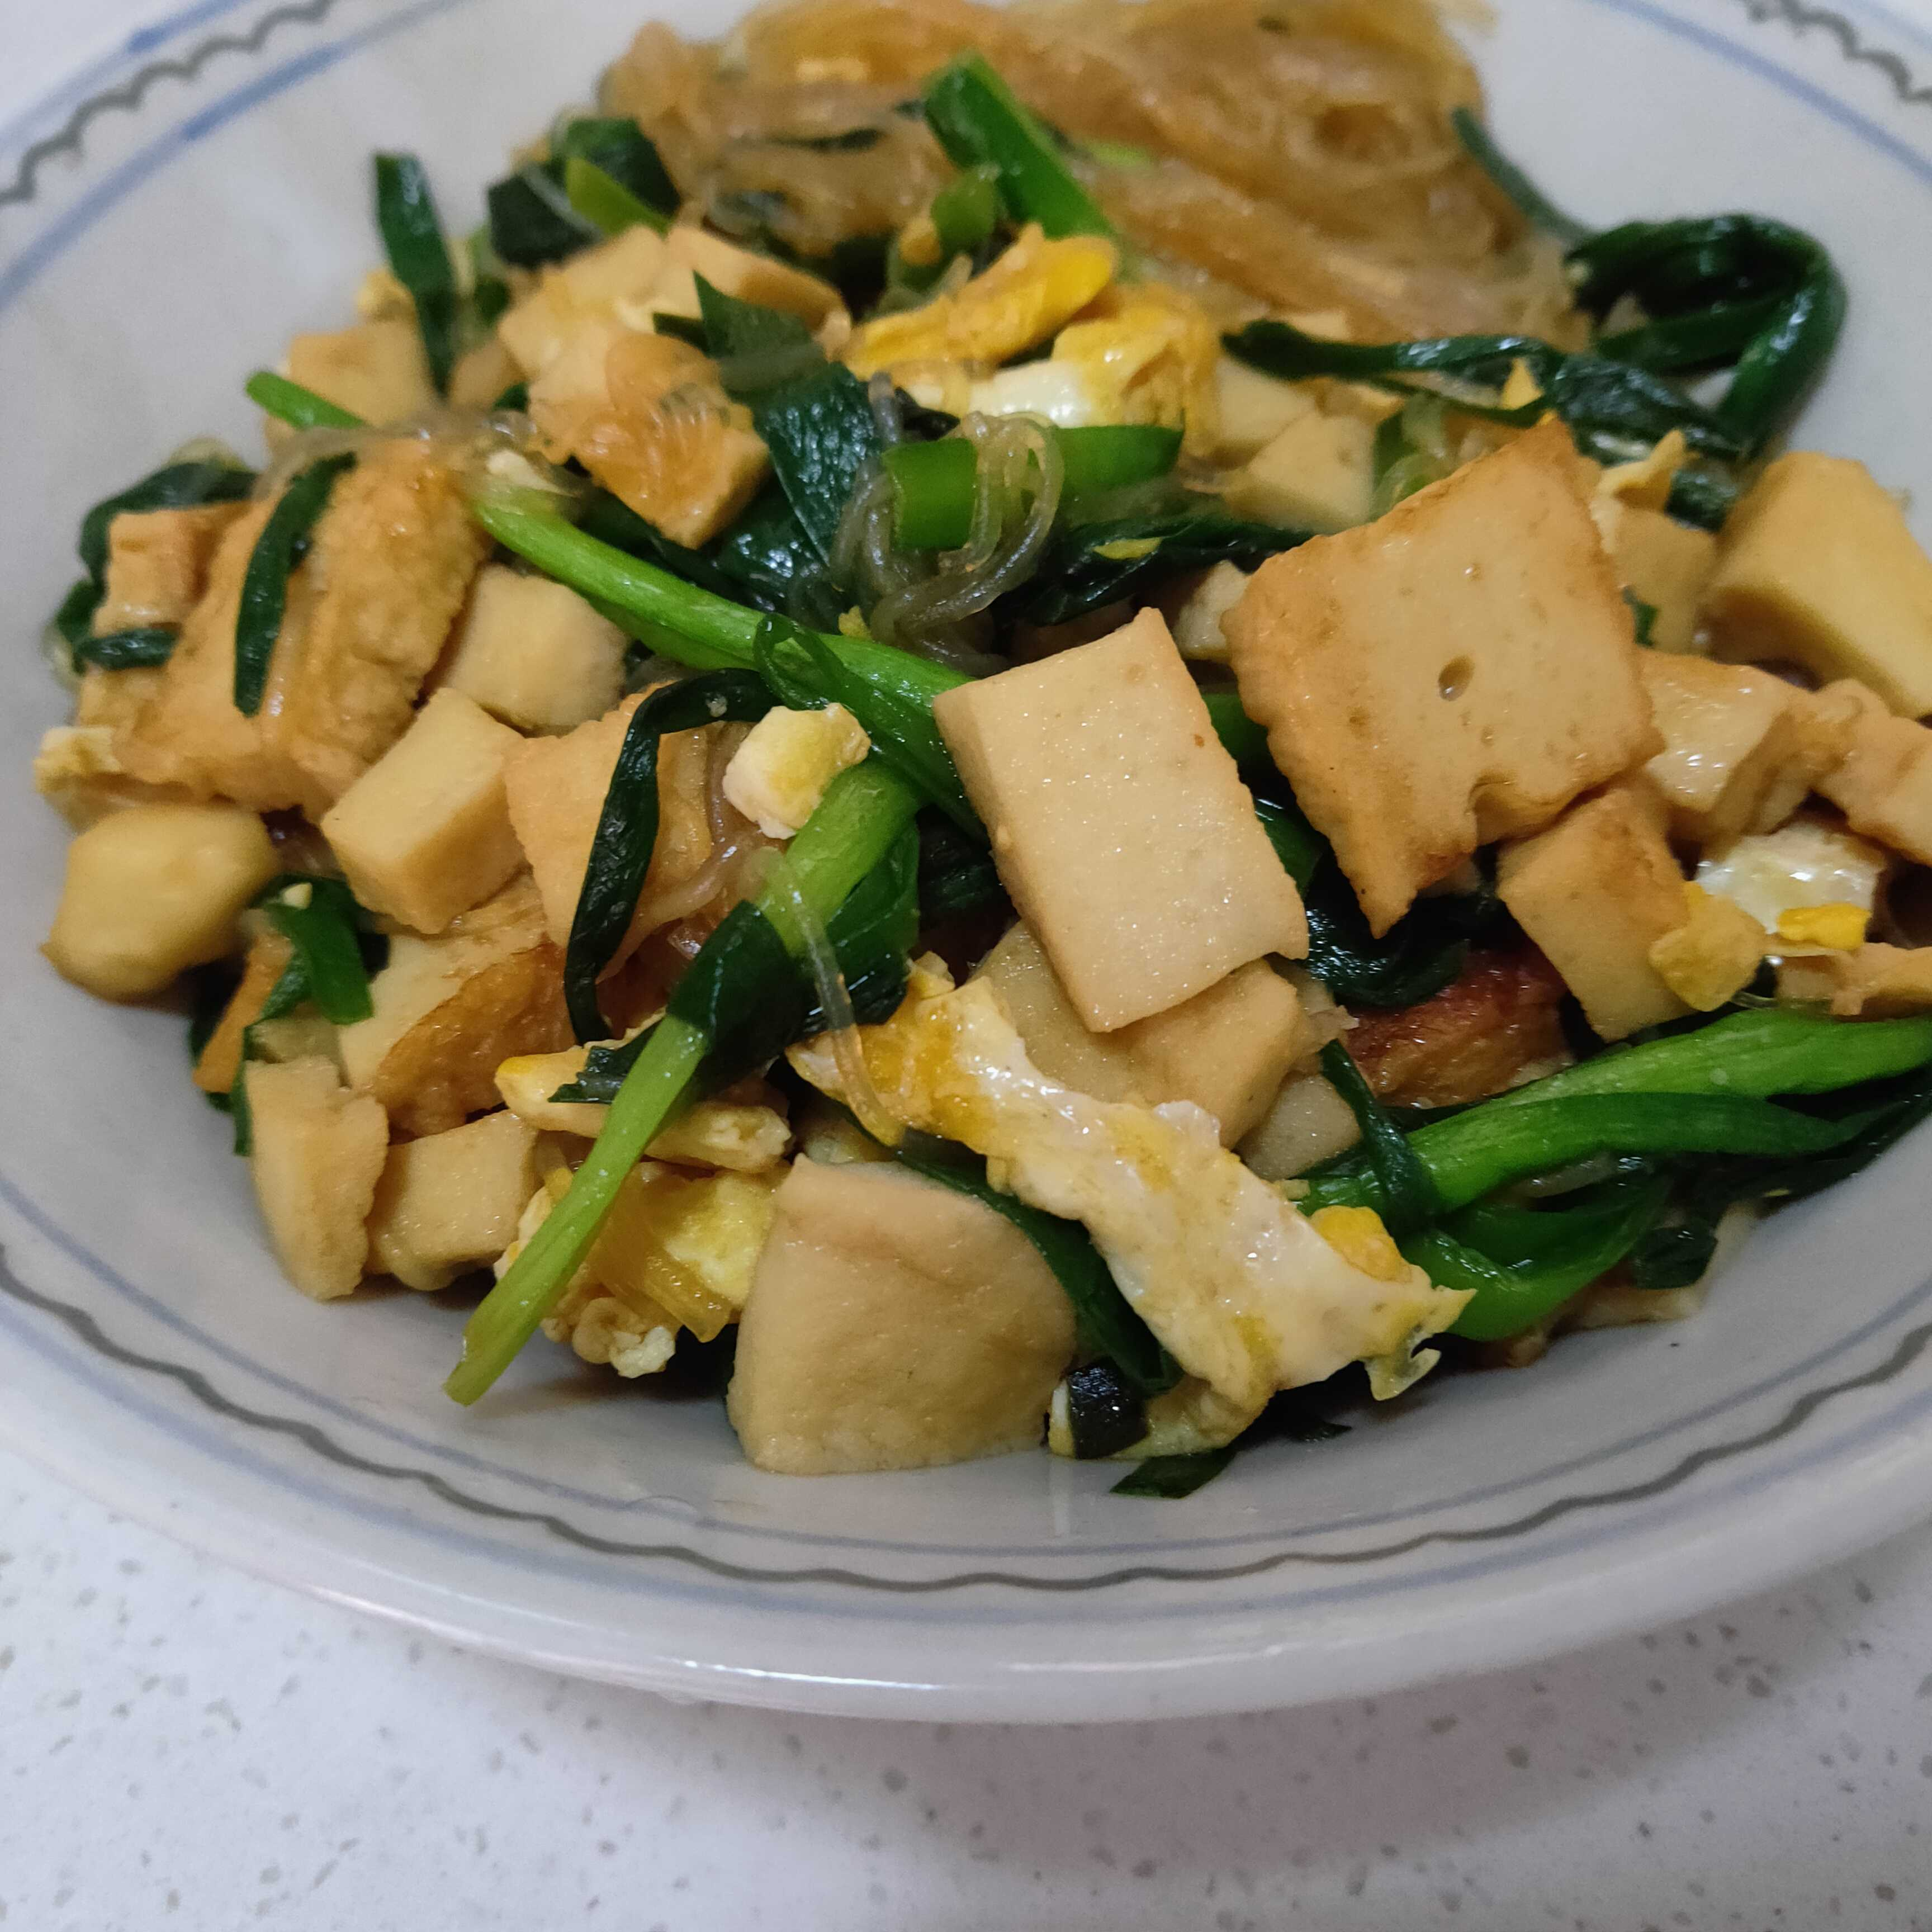 韭菜炒粉丝怎么煮